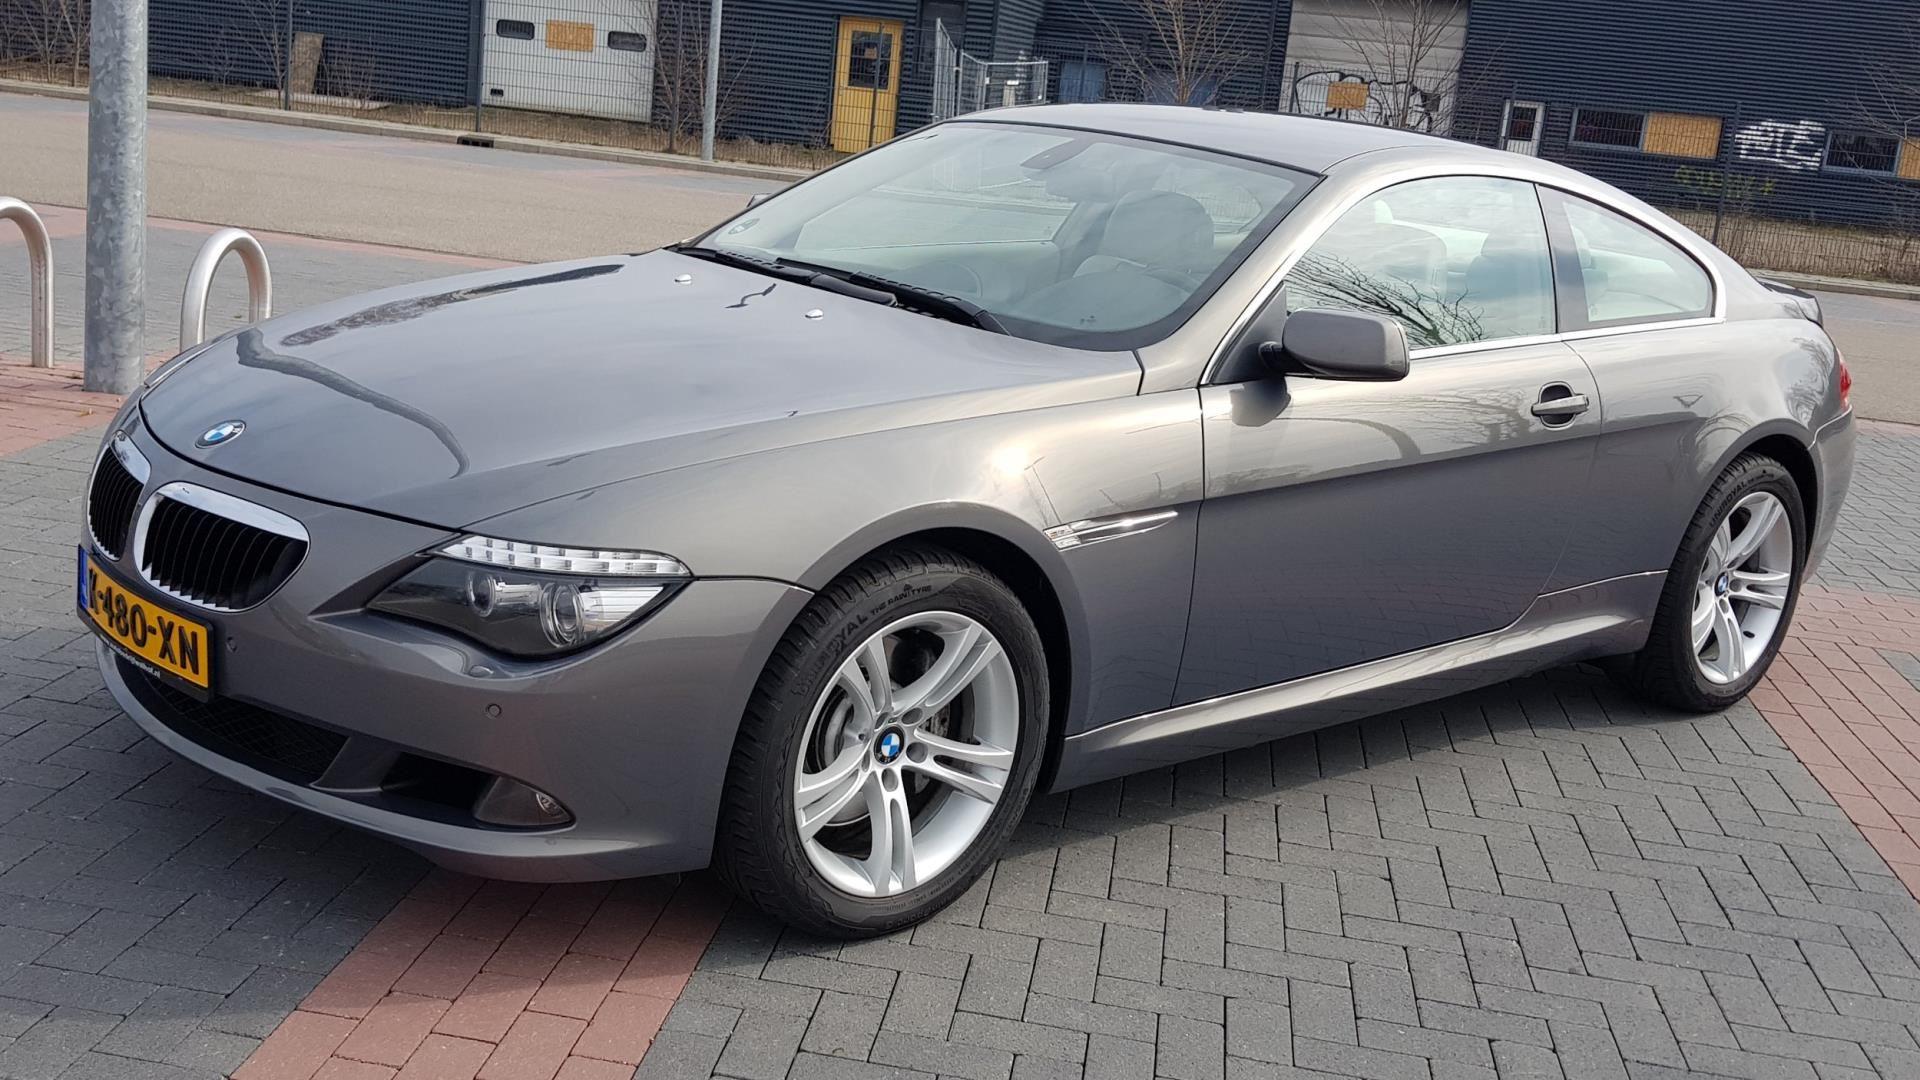 BMW 6ER REIHE occasion - Autobedrijf R. Walhof